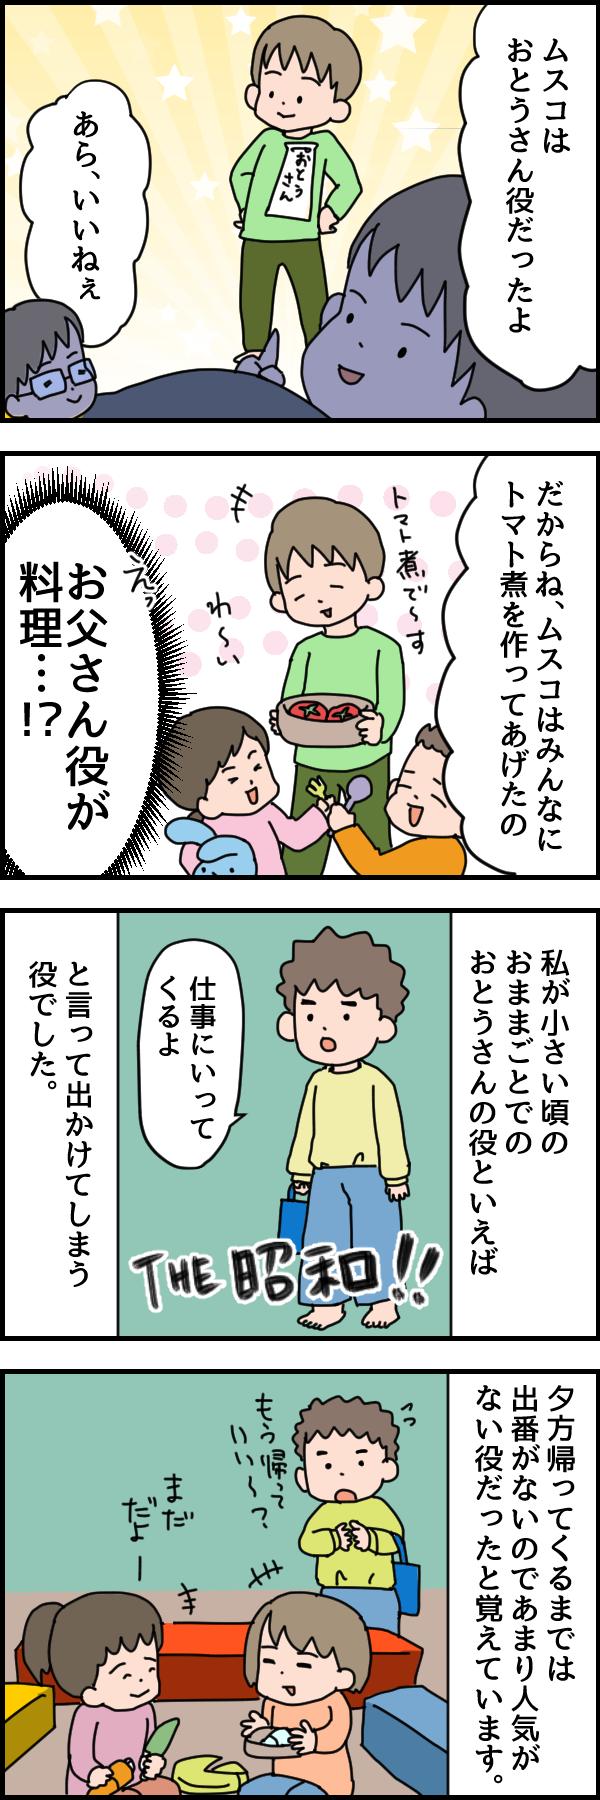 時代の変化が「おままごと」にも…!令和のお父さん役は仕事人間じゃない!の画像3